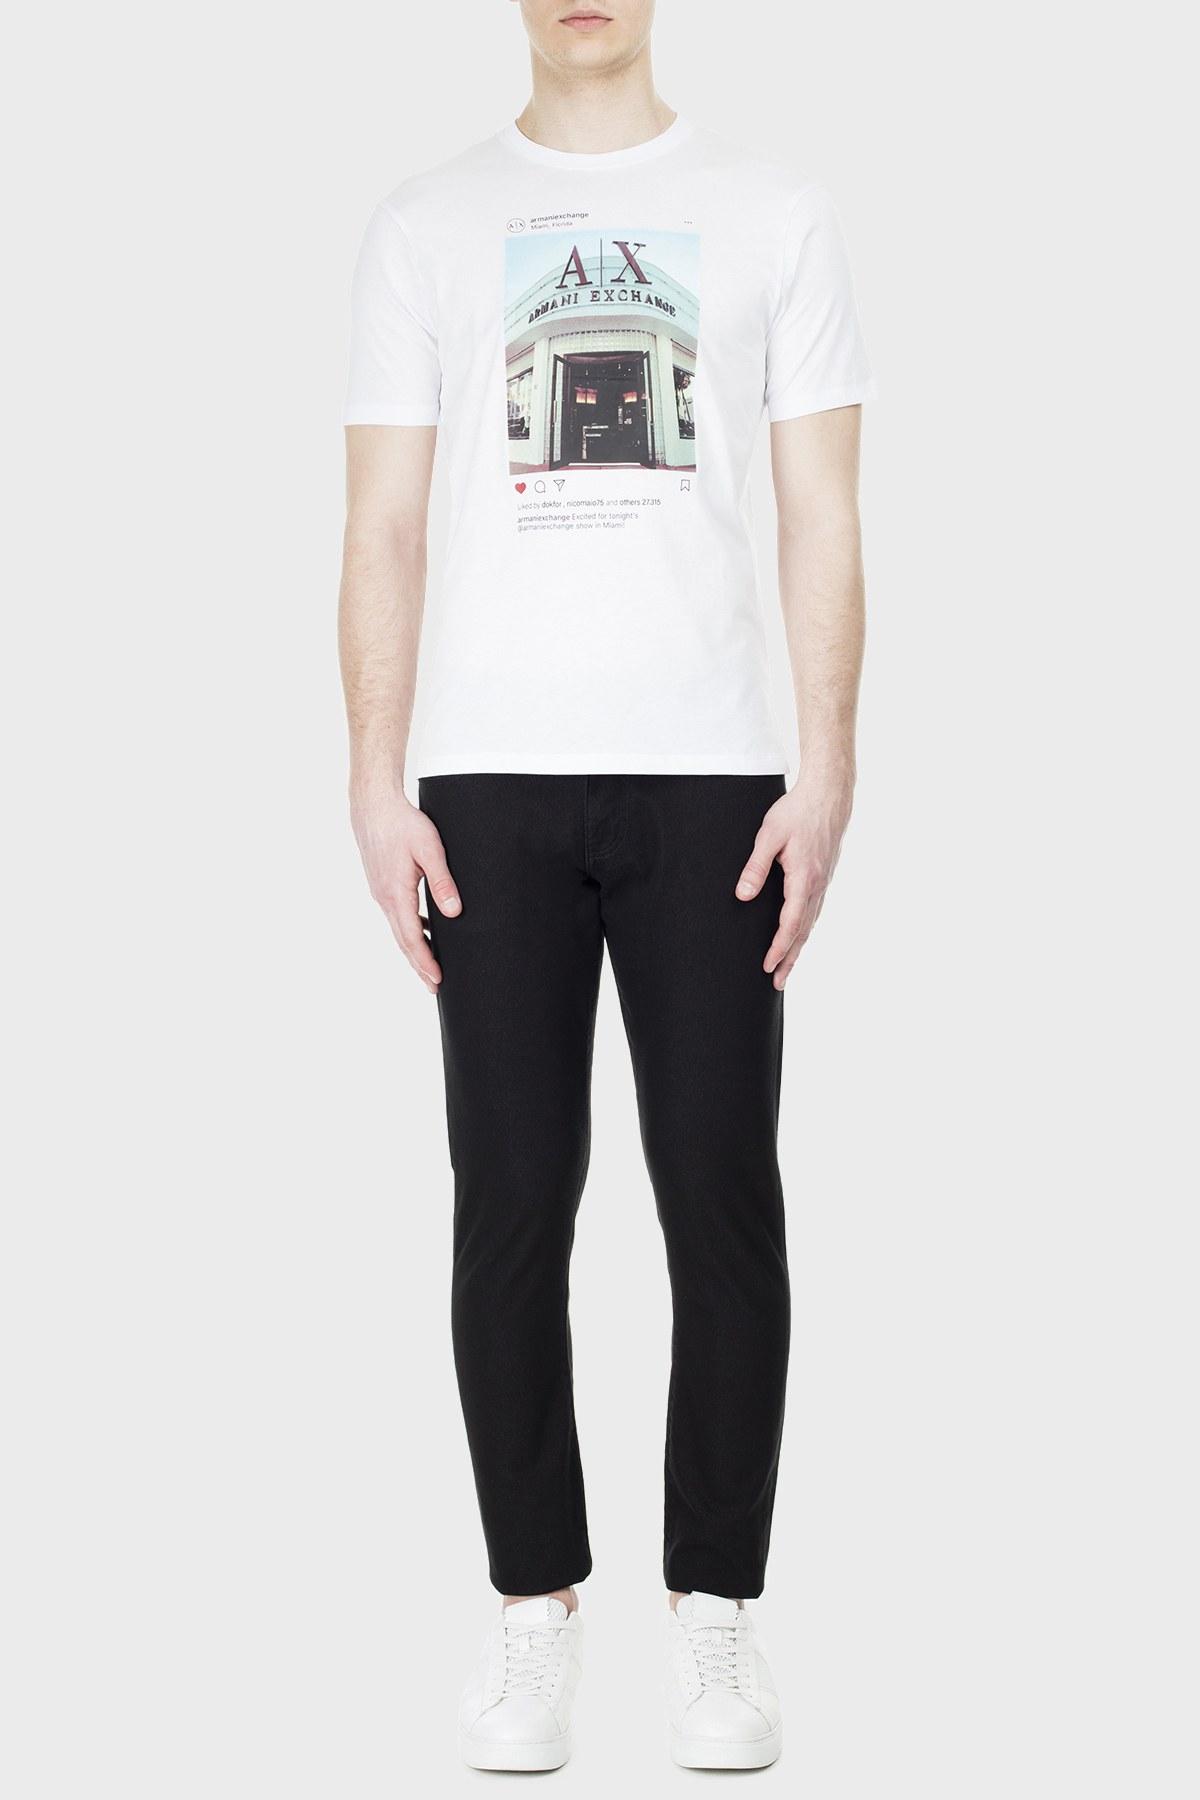 Armani Exchange J14 Jeans Erkek Kot Pantolon 3HZJ14 ZNGGZ 1200 SİYAH